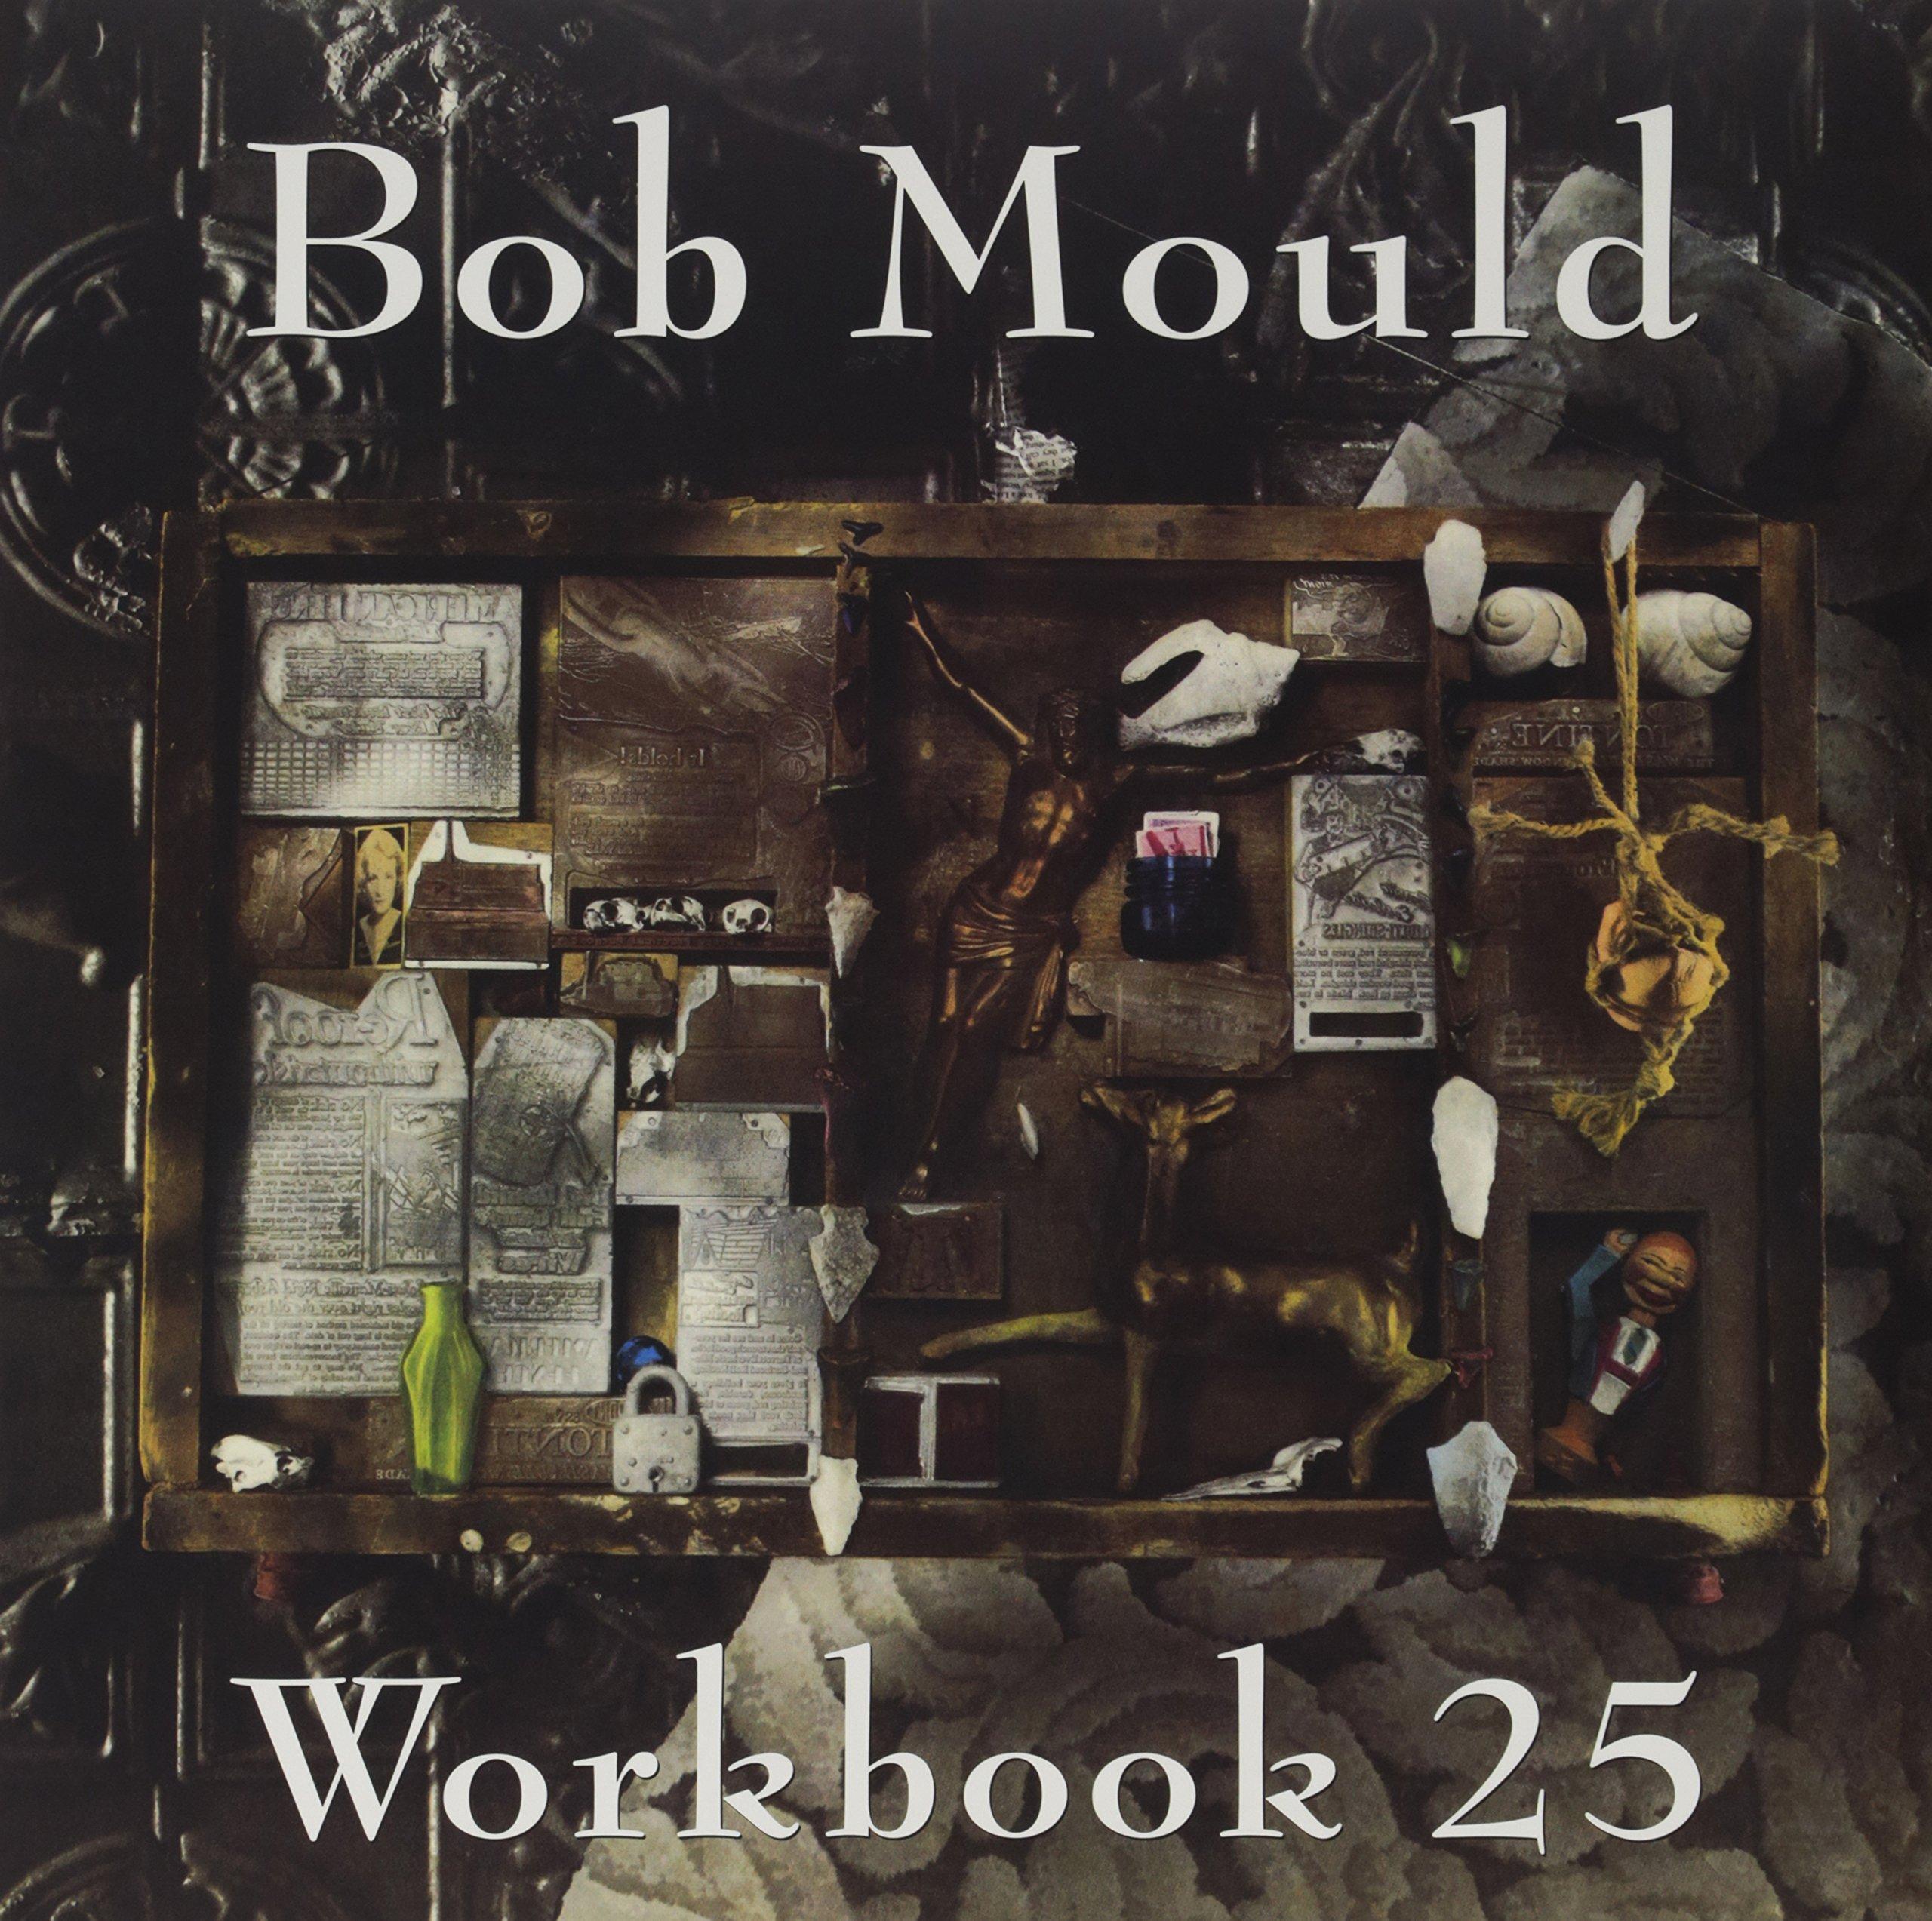 Workbook 25 by VINYL